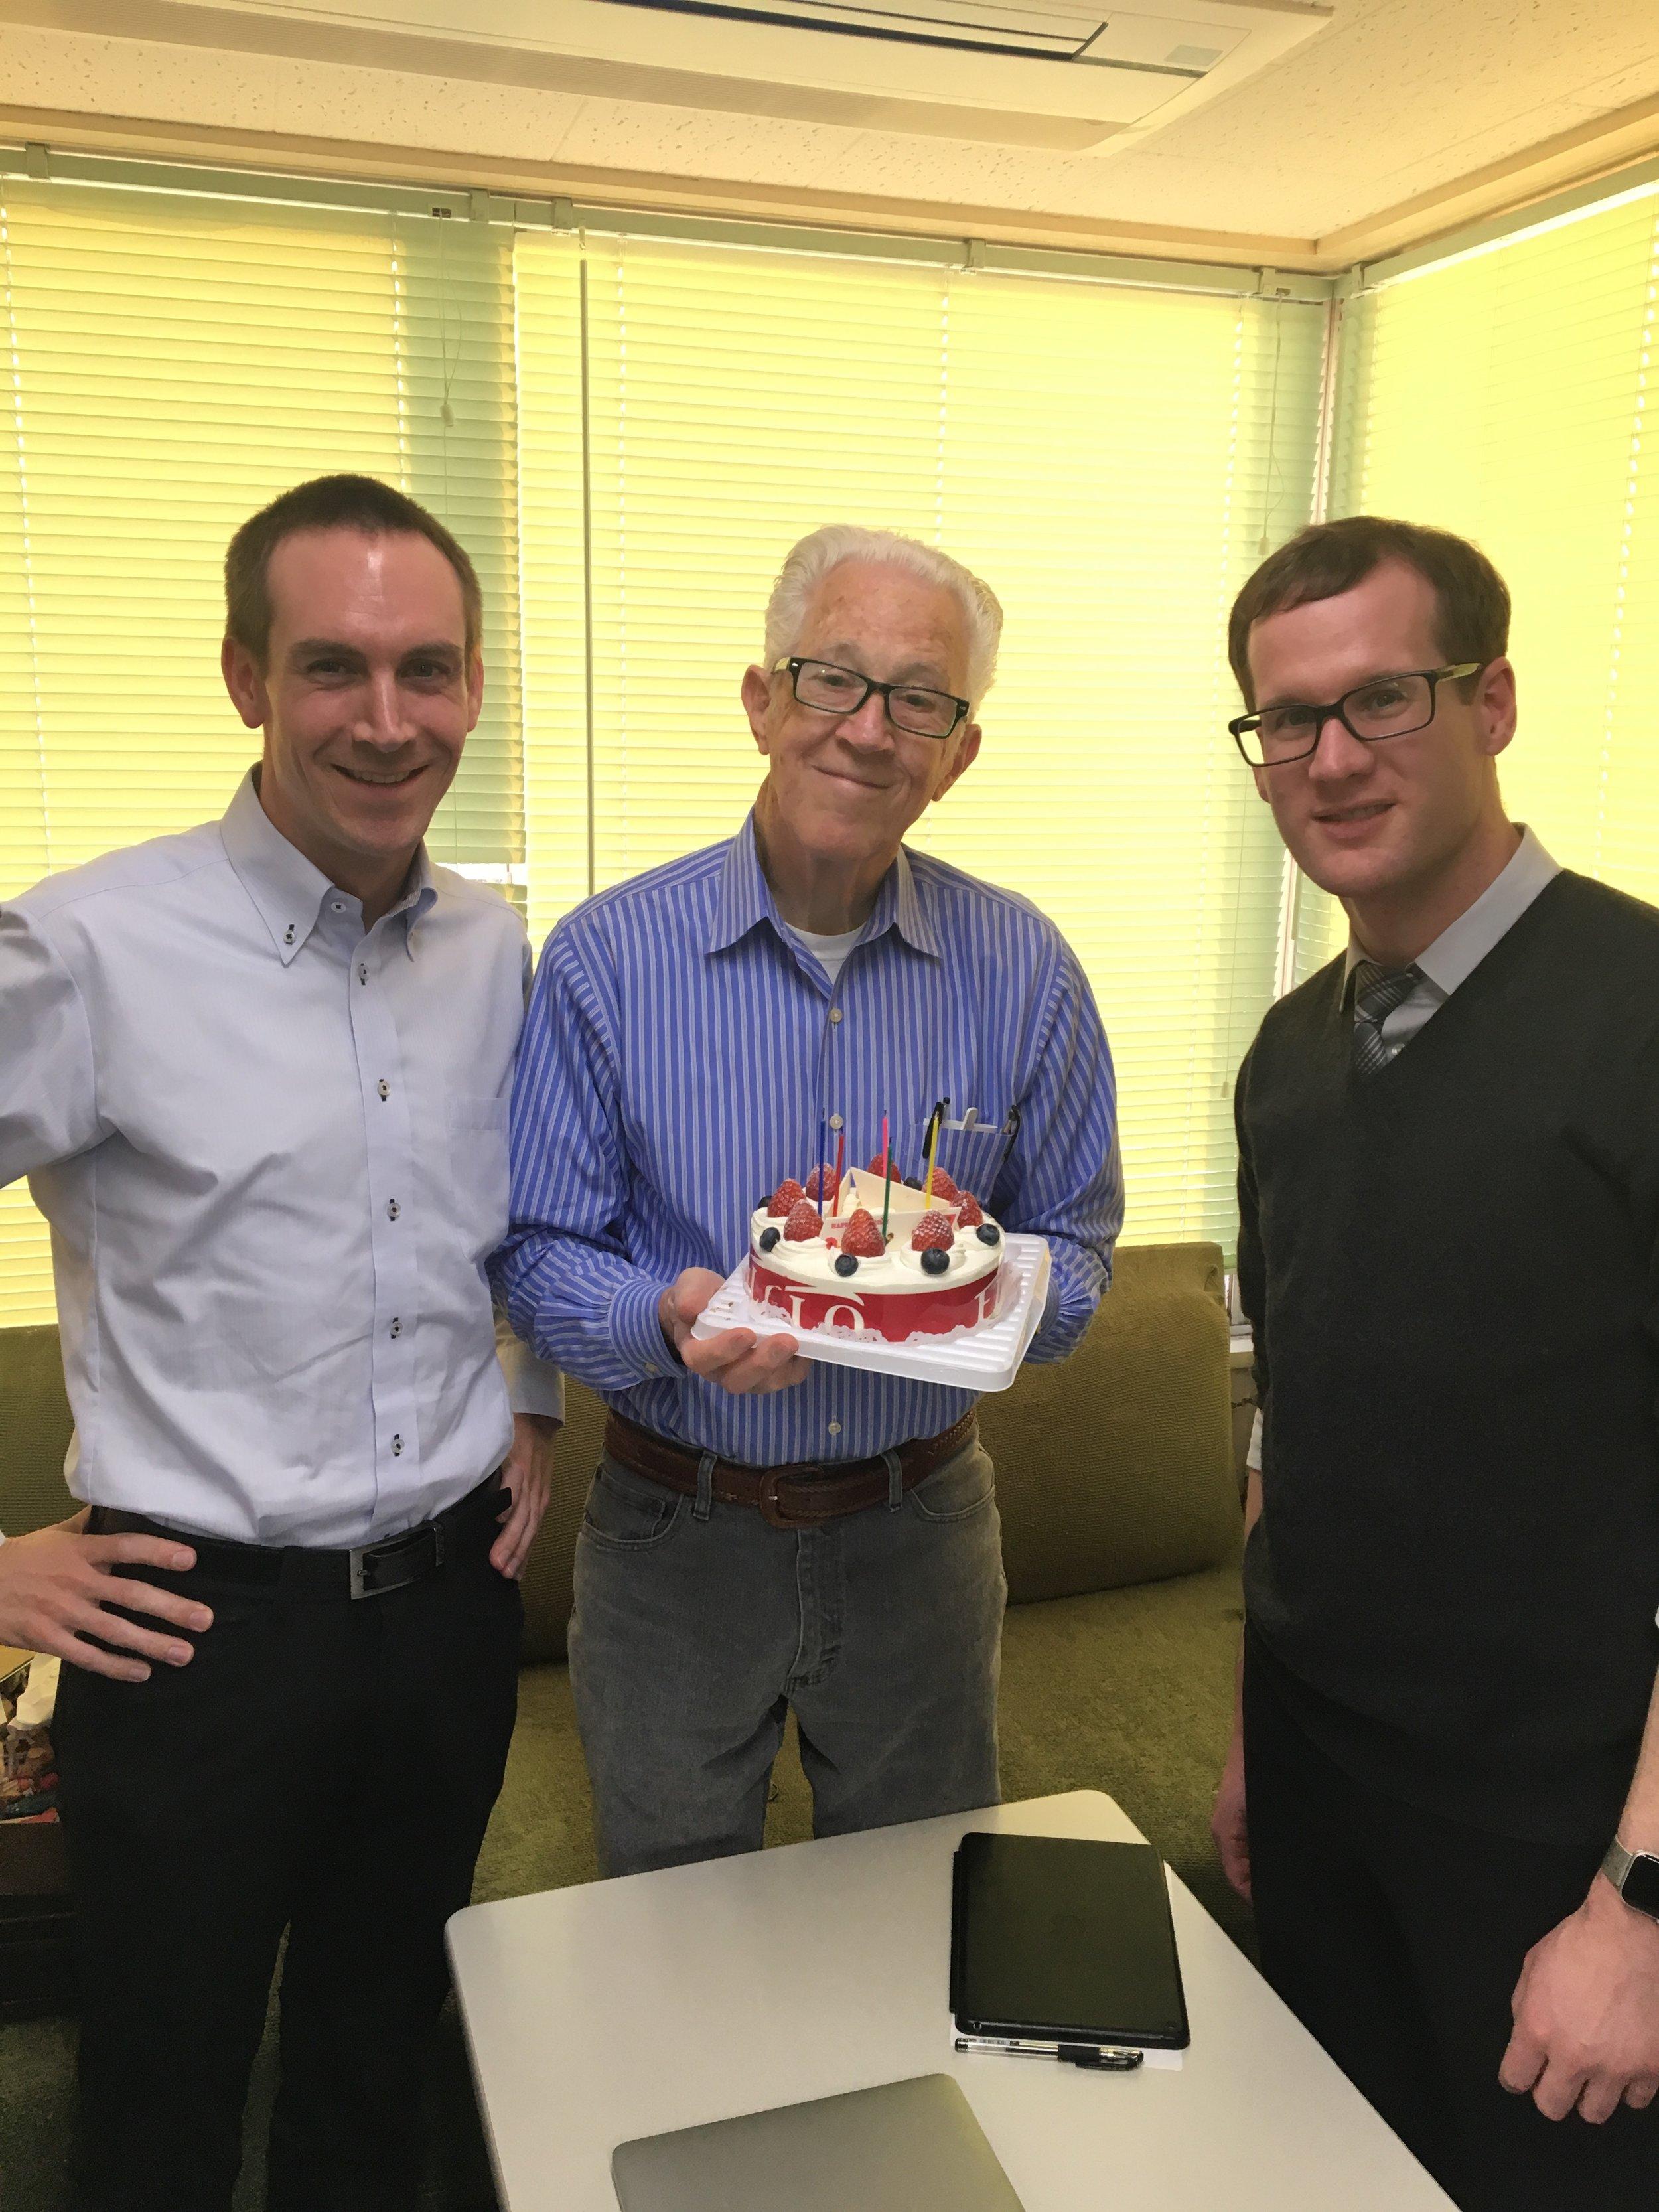 同じく11月誕生日のJeremy、Stevenと一緒に:) 校長の何とも言えない柔らかな表情に注目です☆